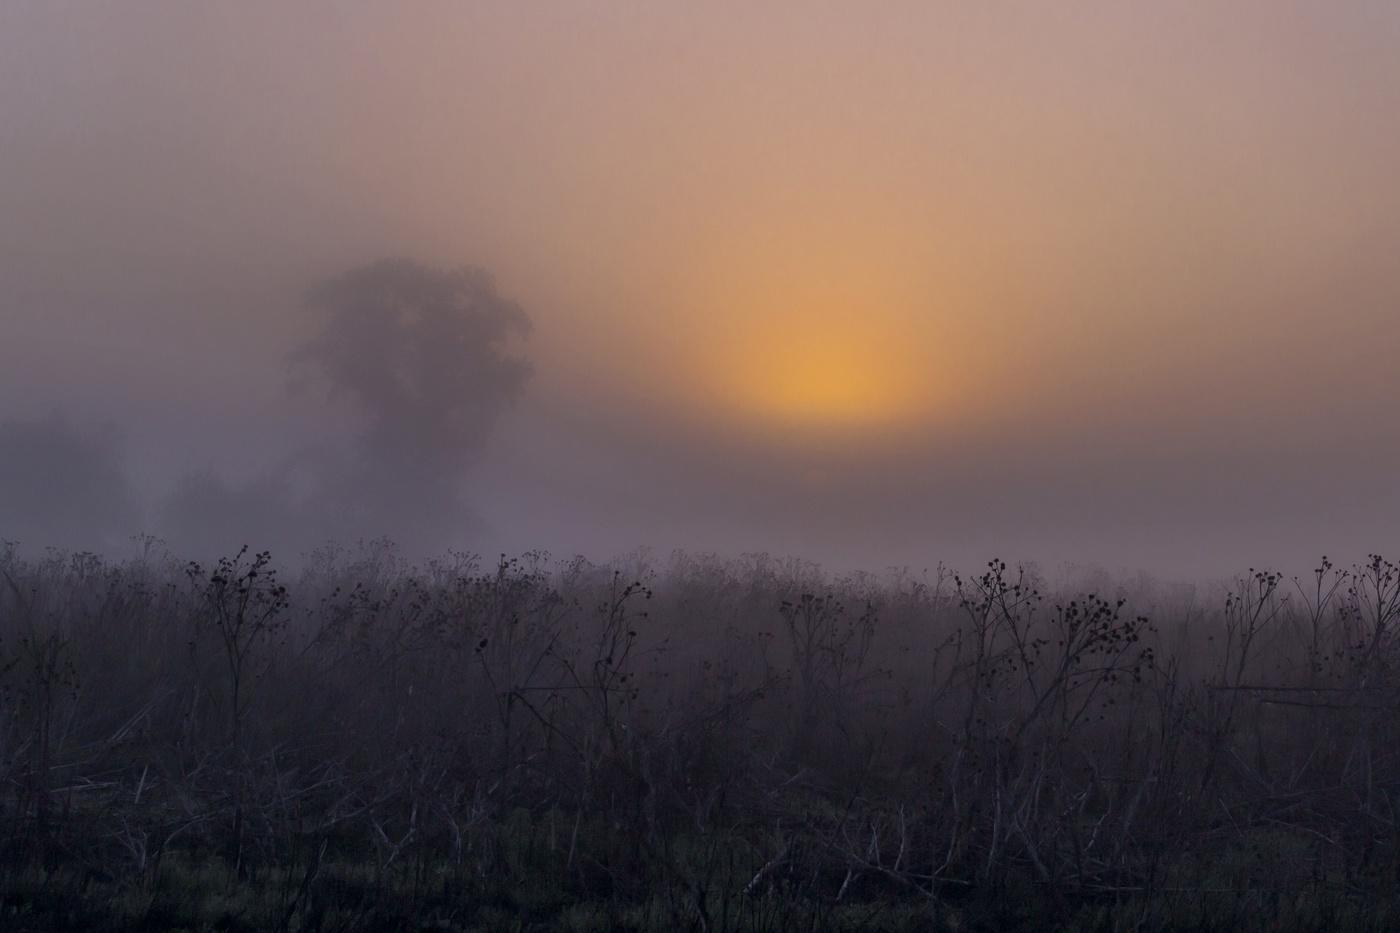 стала старшей картинки сильного тумана сайте поздравь